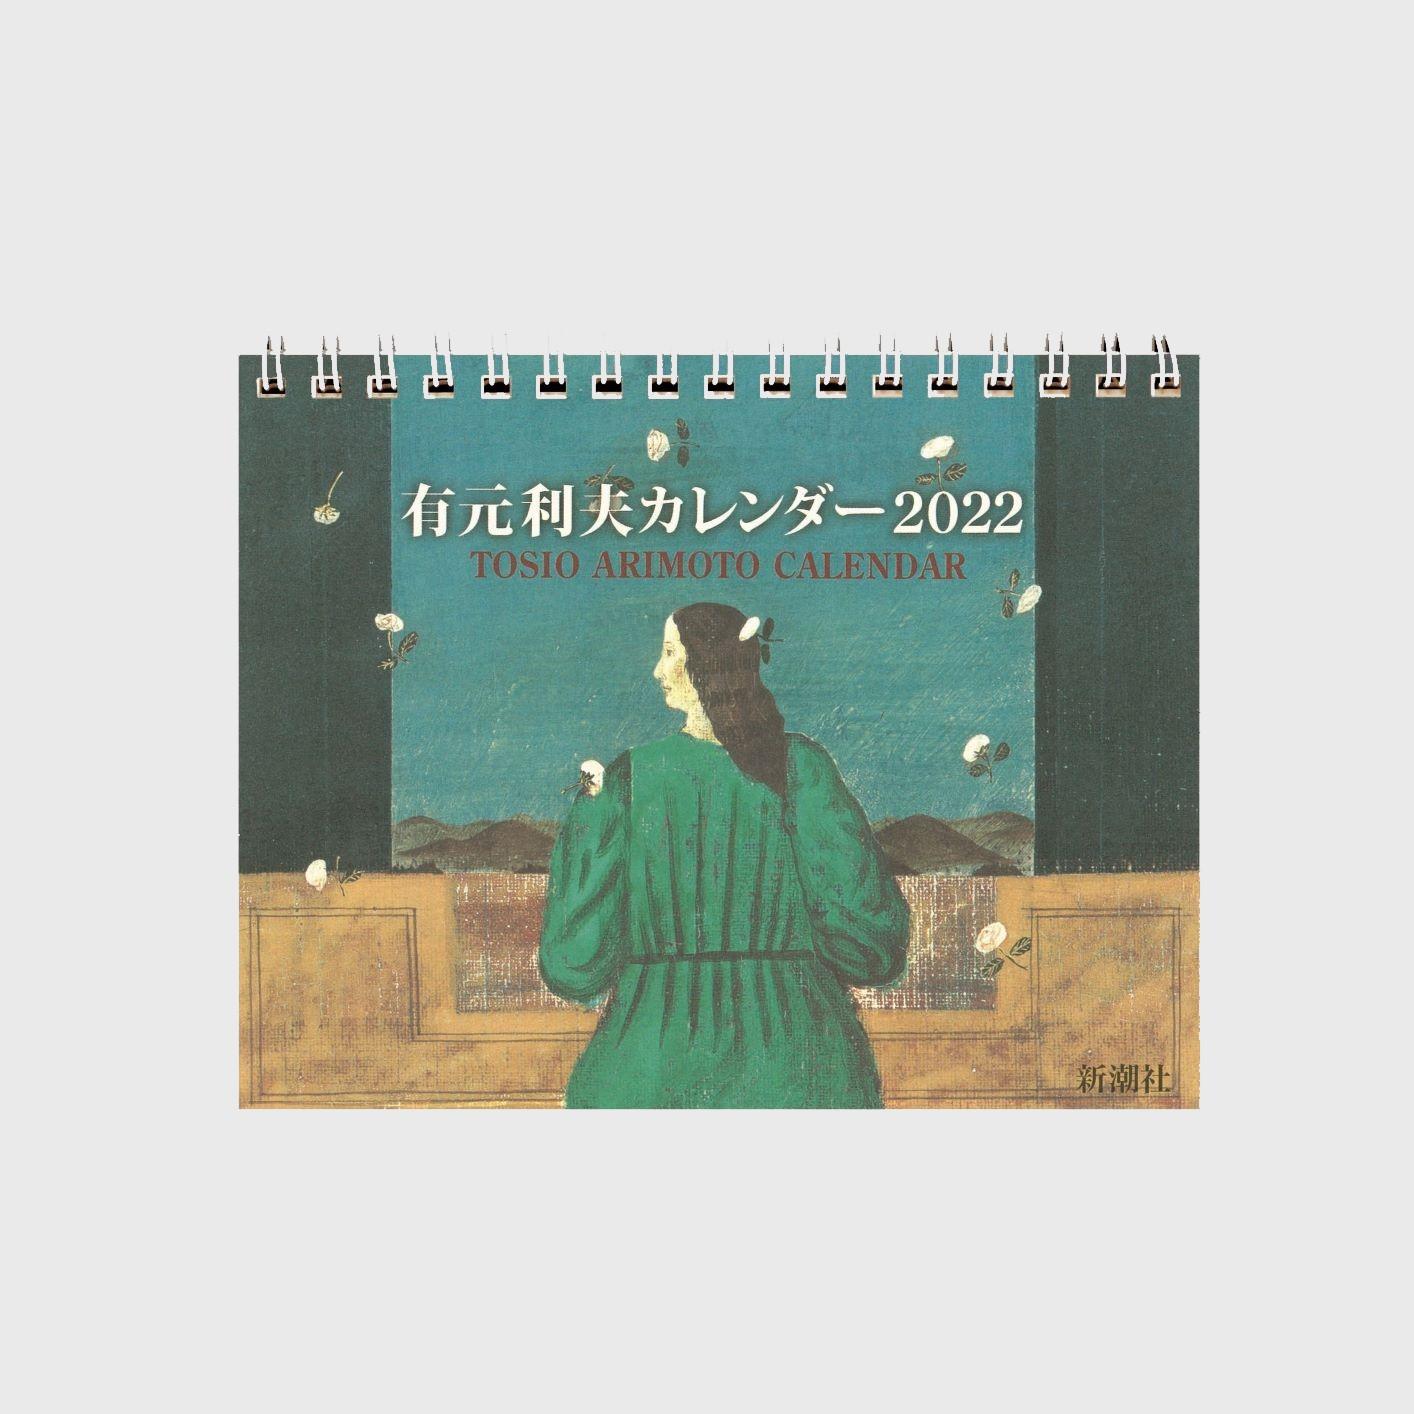 有元利夫カレンダー2022